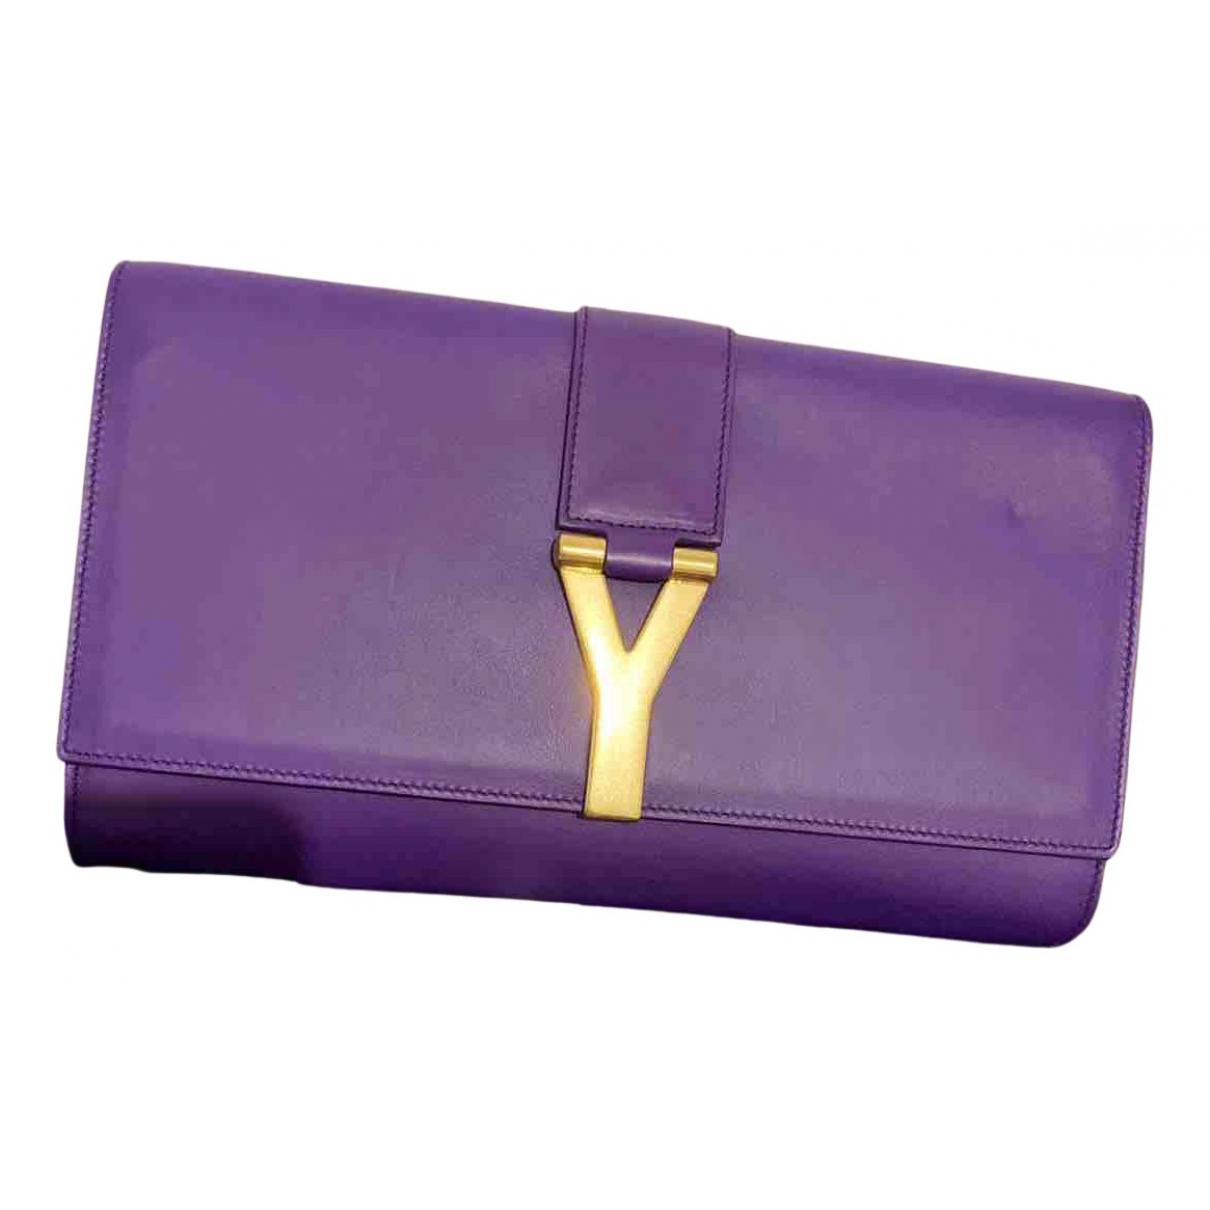 Saint Laurent - Pochette Chyc pour femme en cuir - violet